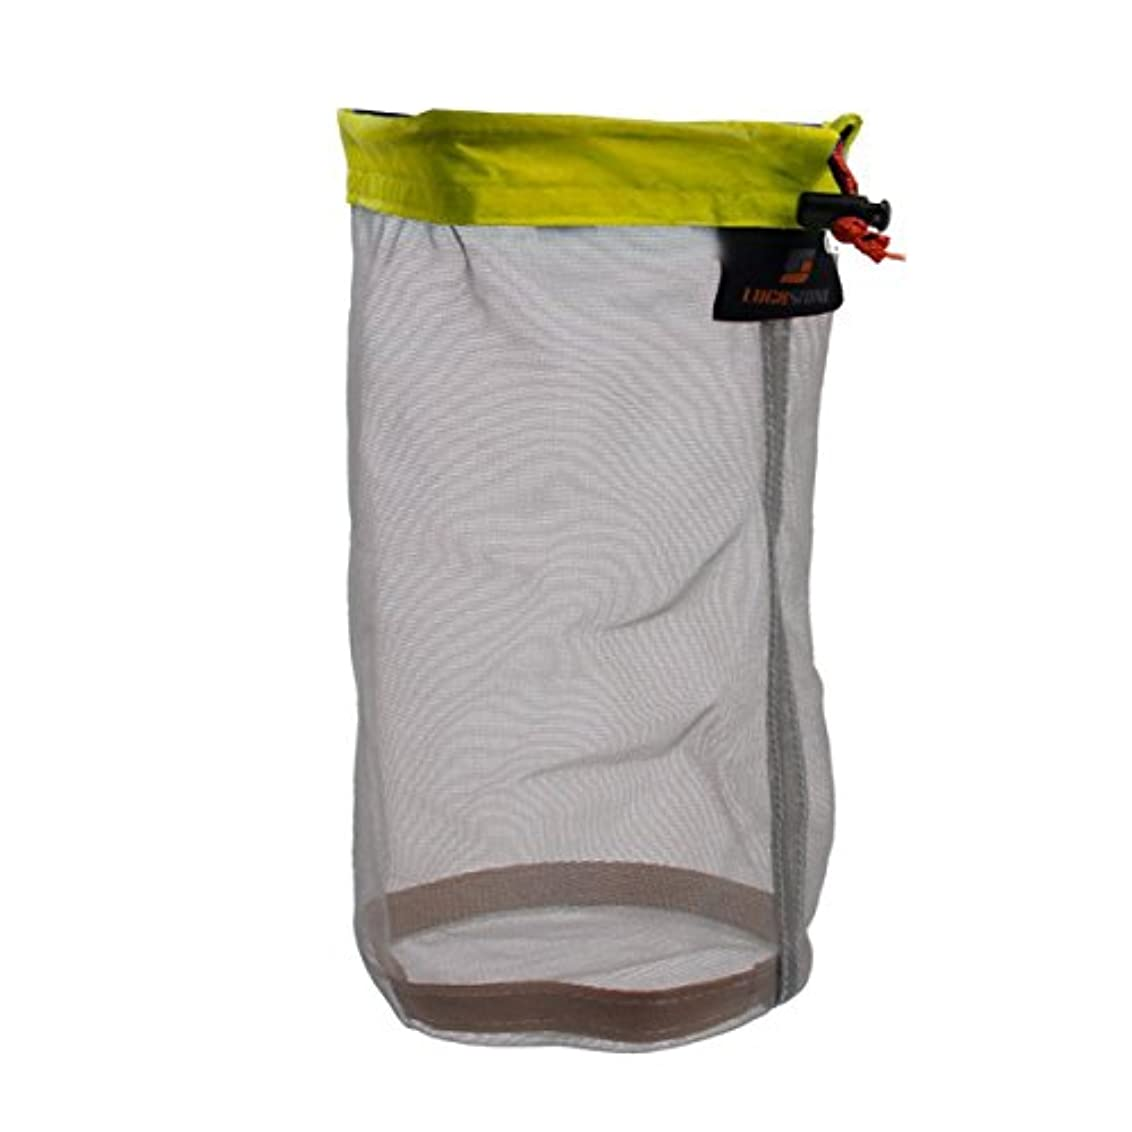 保護する戻す未払いVORCOOLウルトラライトメッシュストレージバッグ袋Tavelキャンプ – サイズL